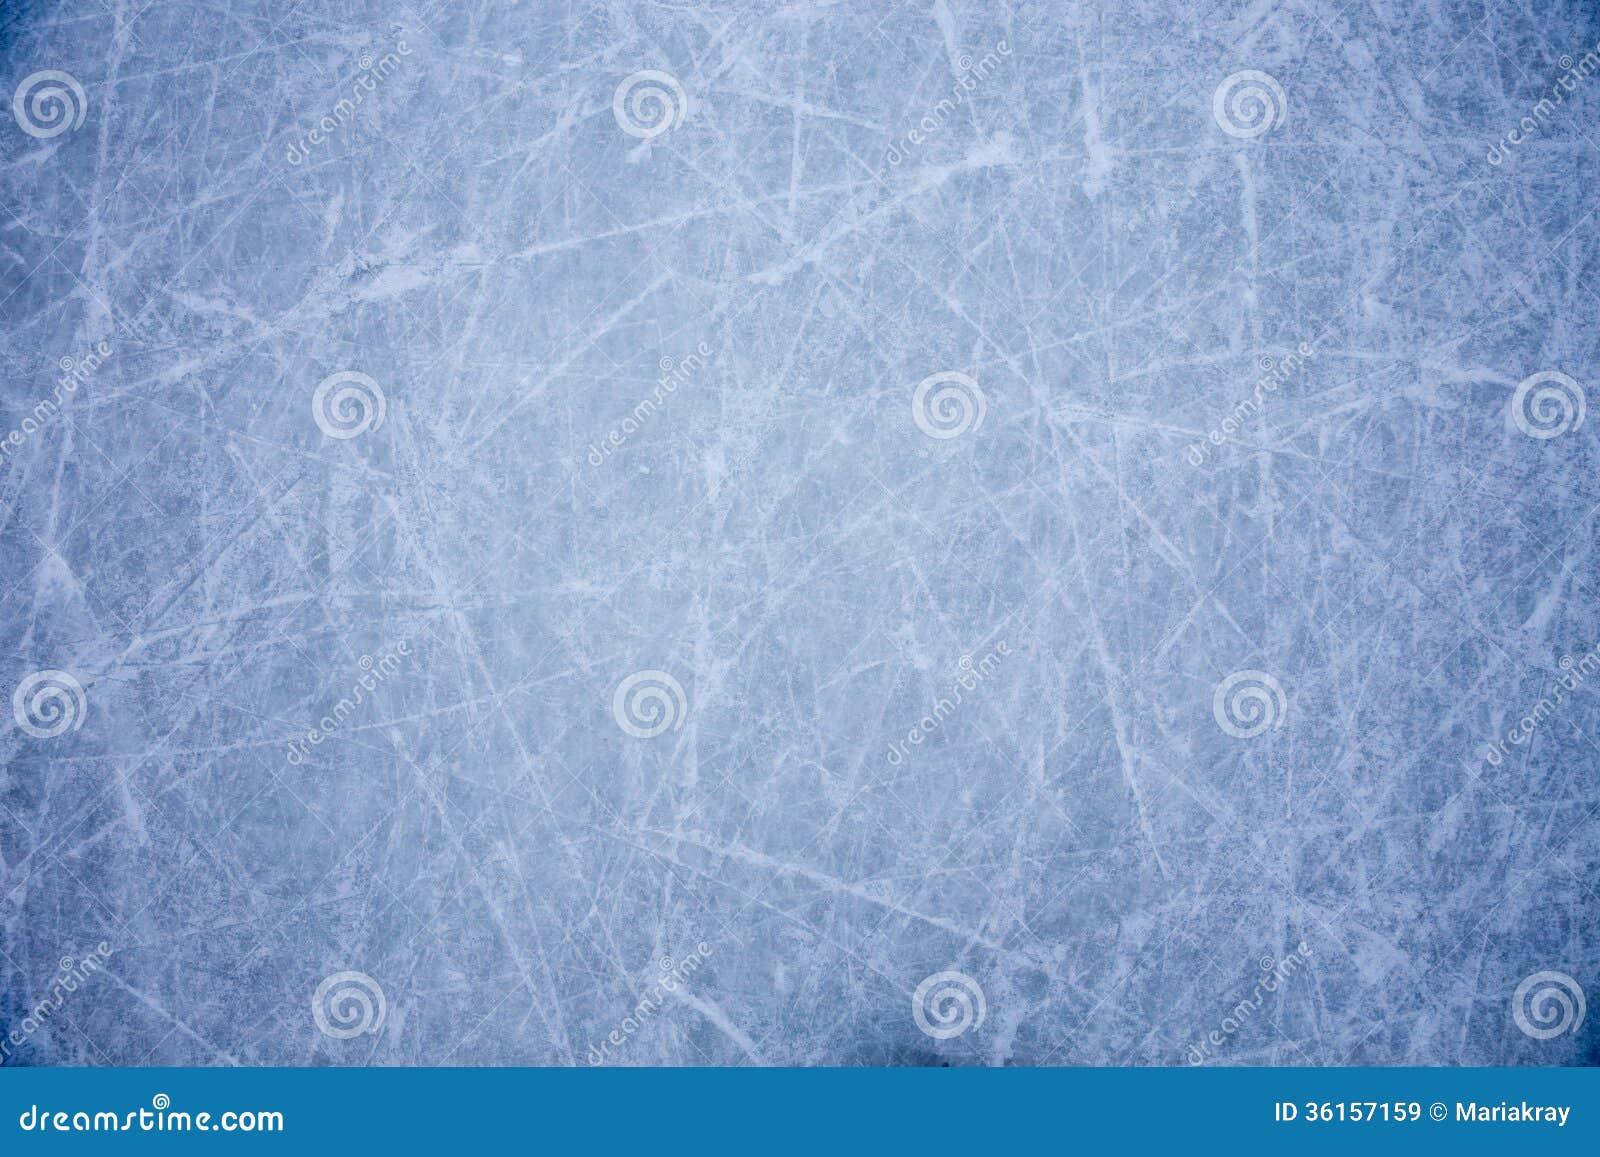 Fondo del hielo